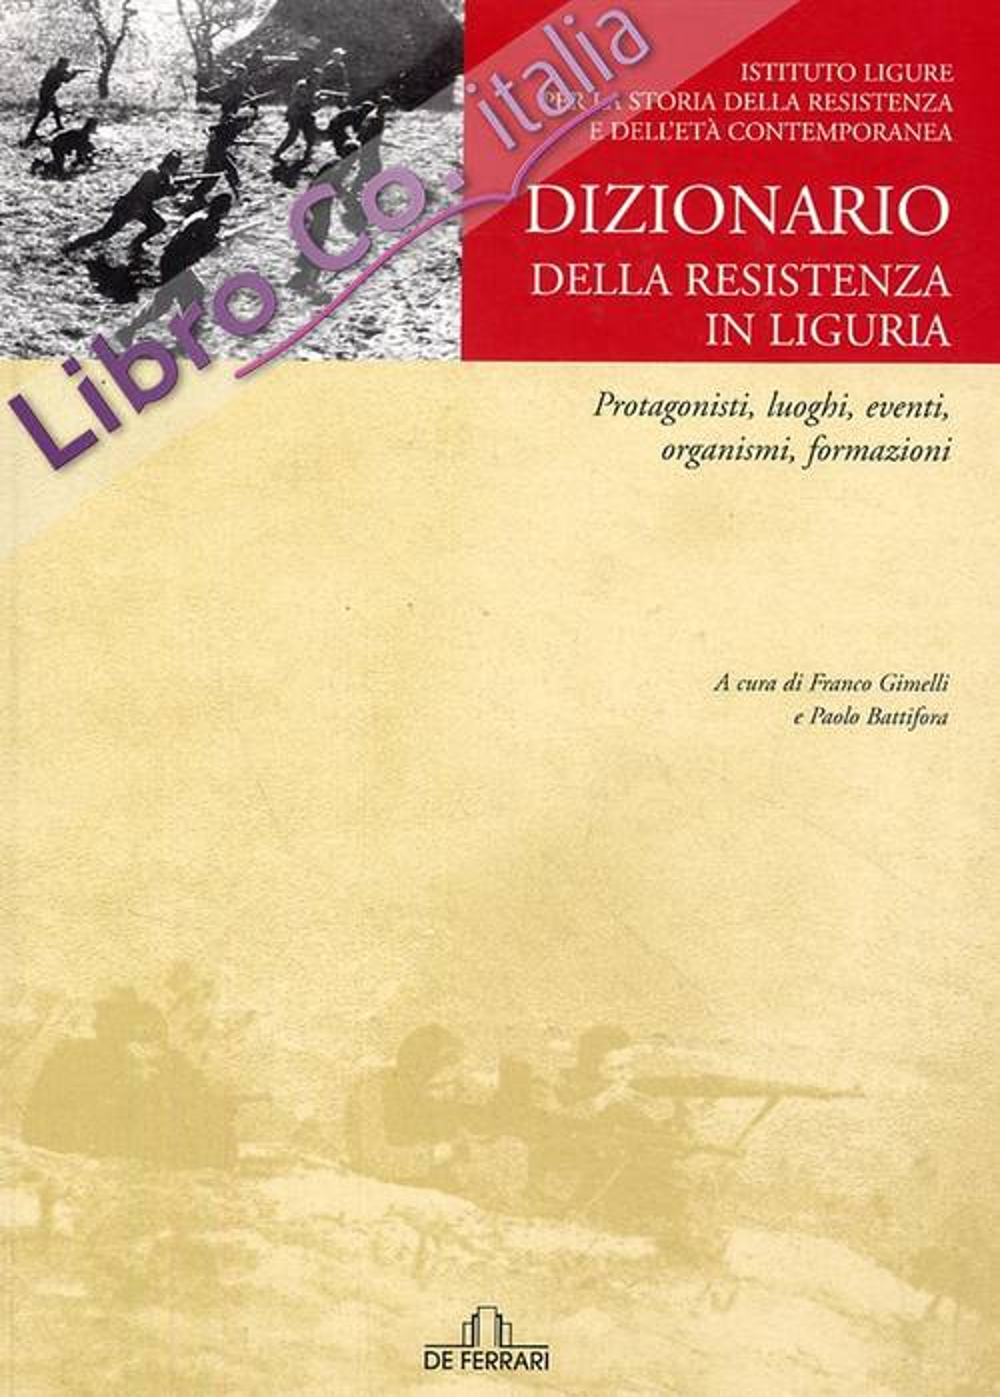 Dizionario della resistenza in Liguria